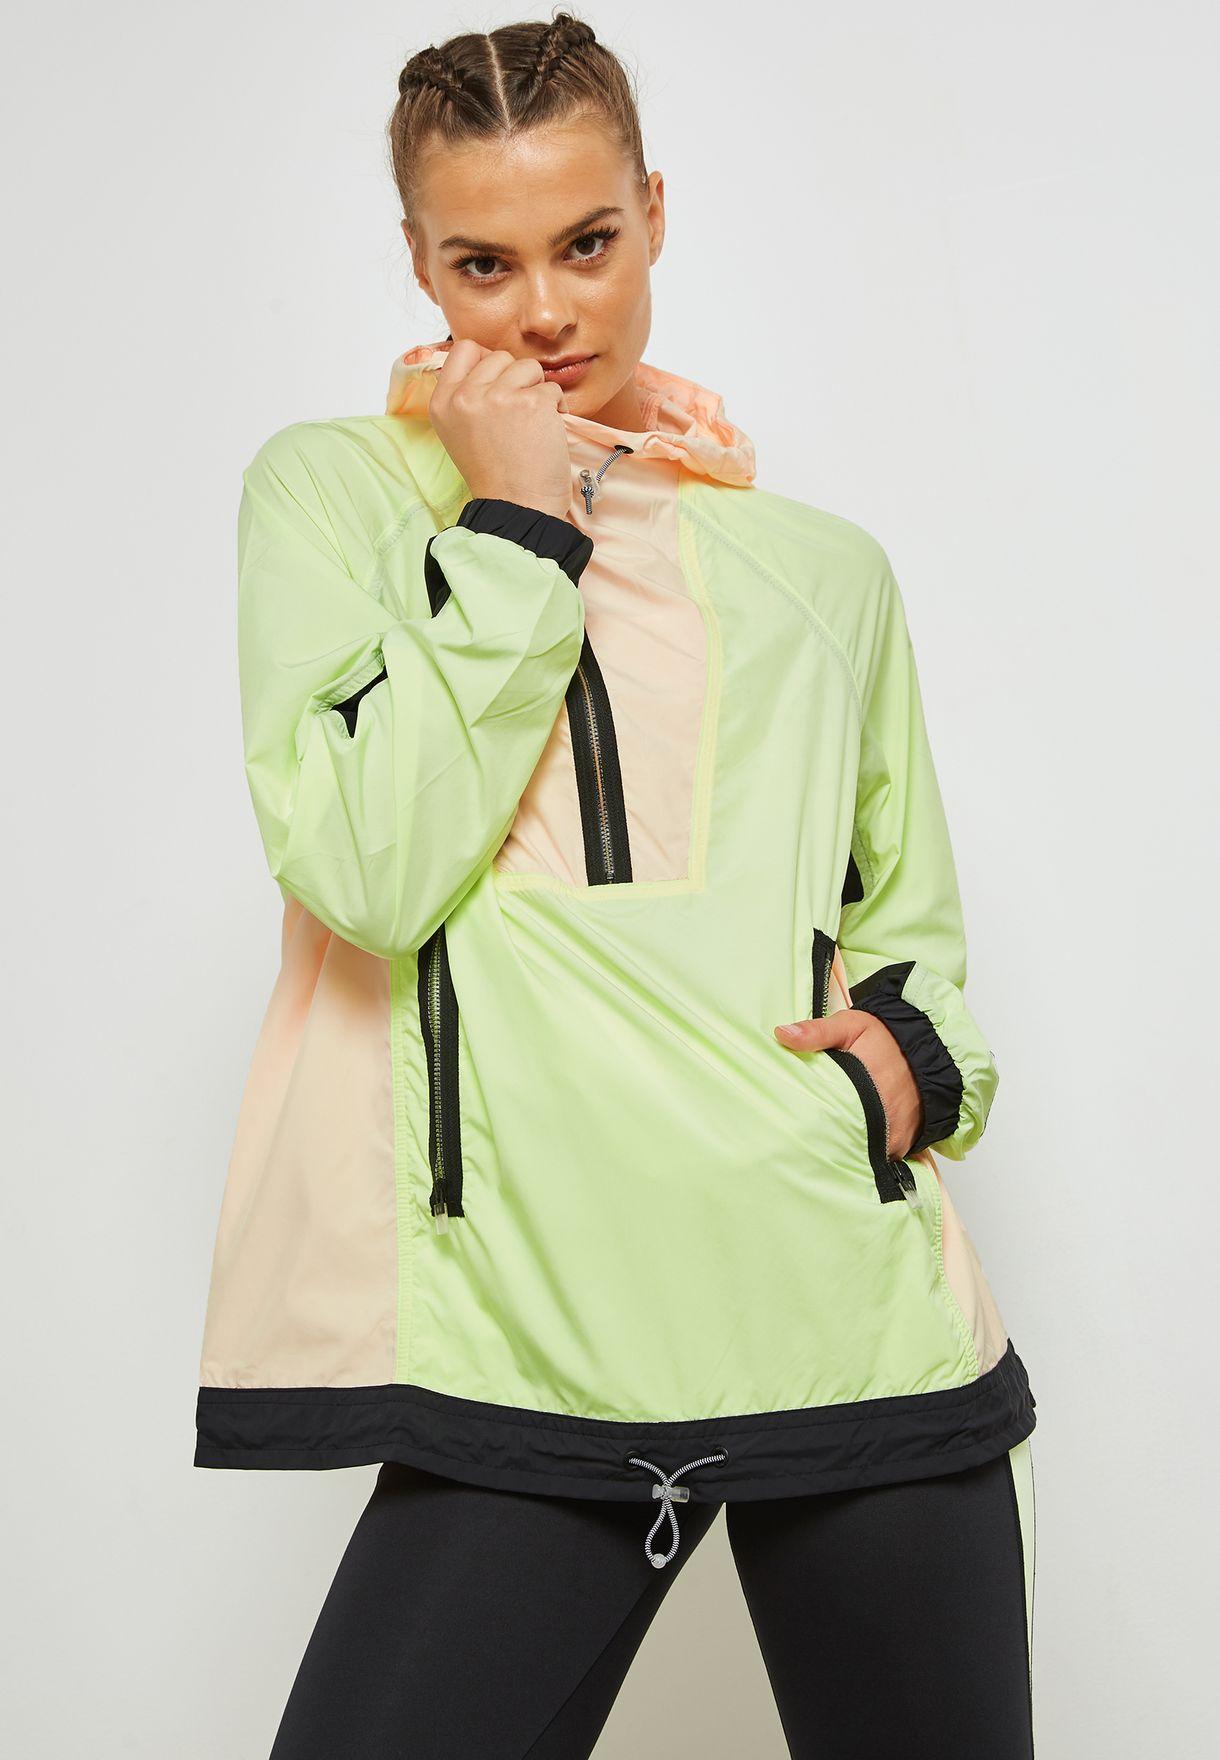 f88c8719c7e4 Shop Nike multicolor Archive Windbreaker Jacket AO4552-701 for Women ...